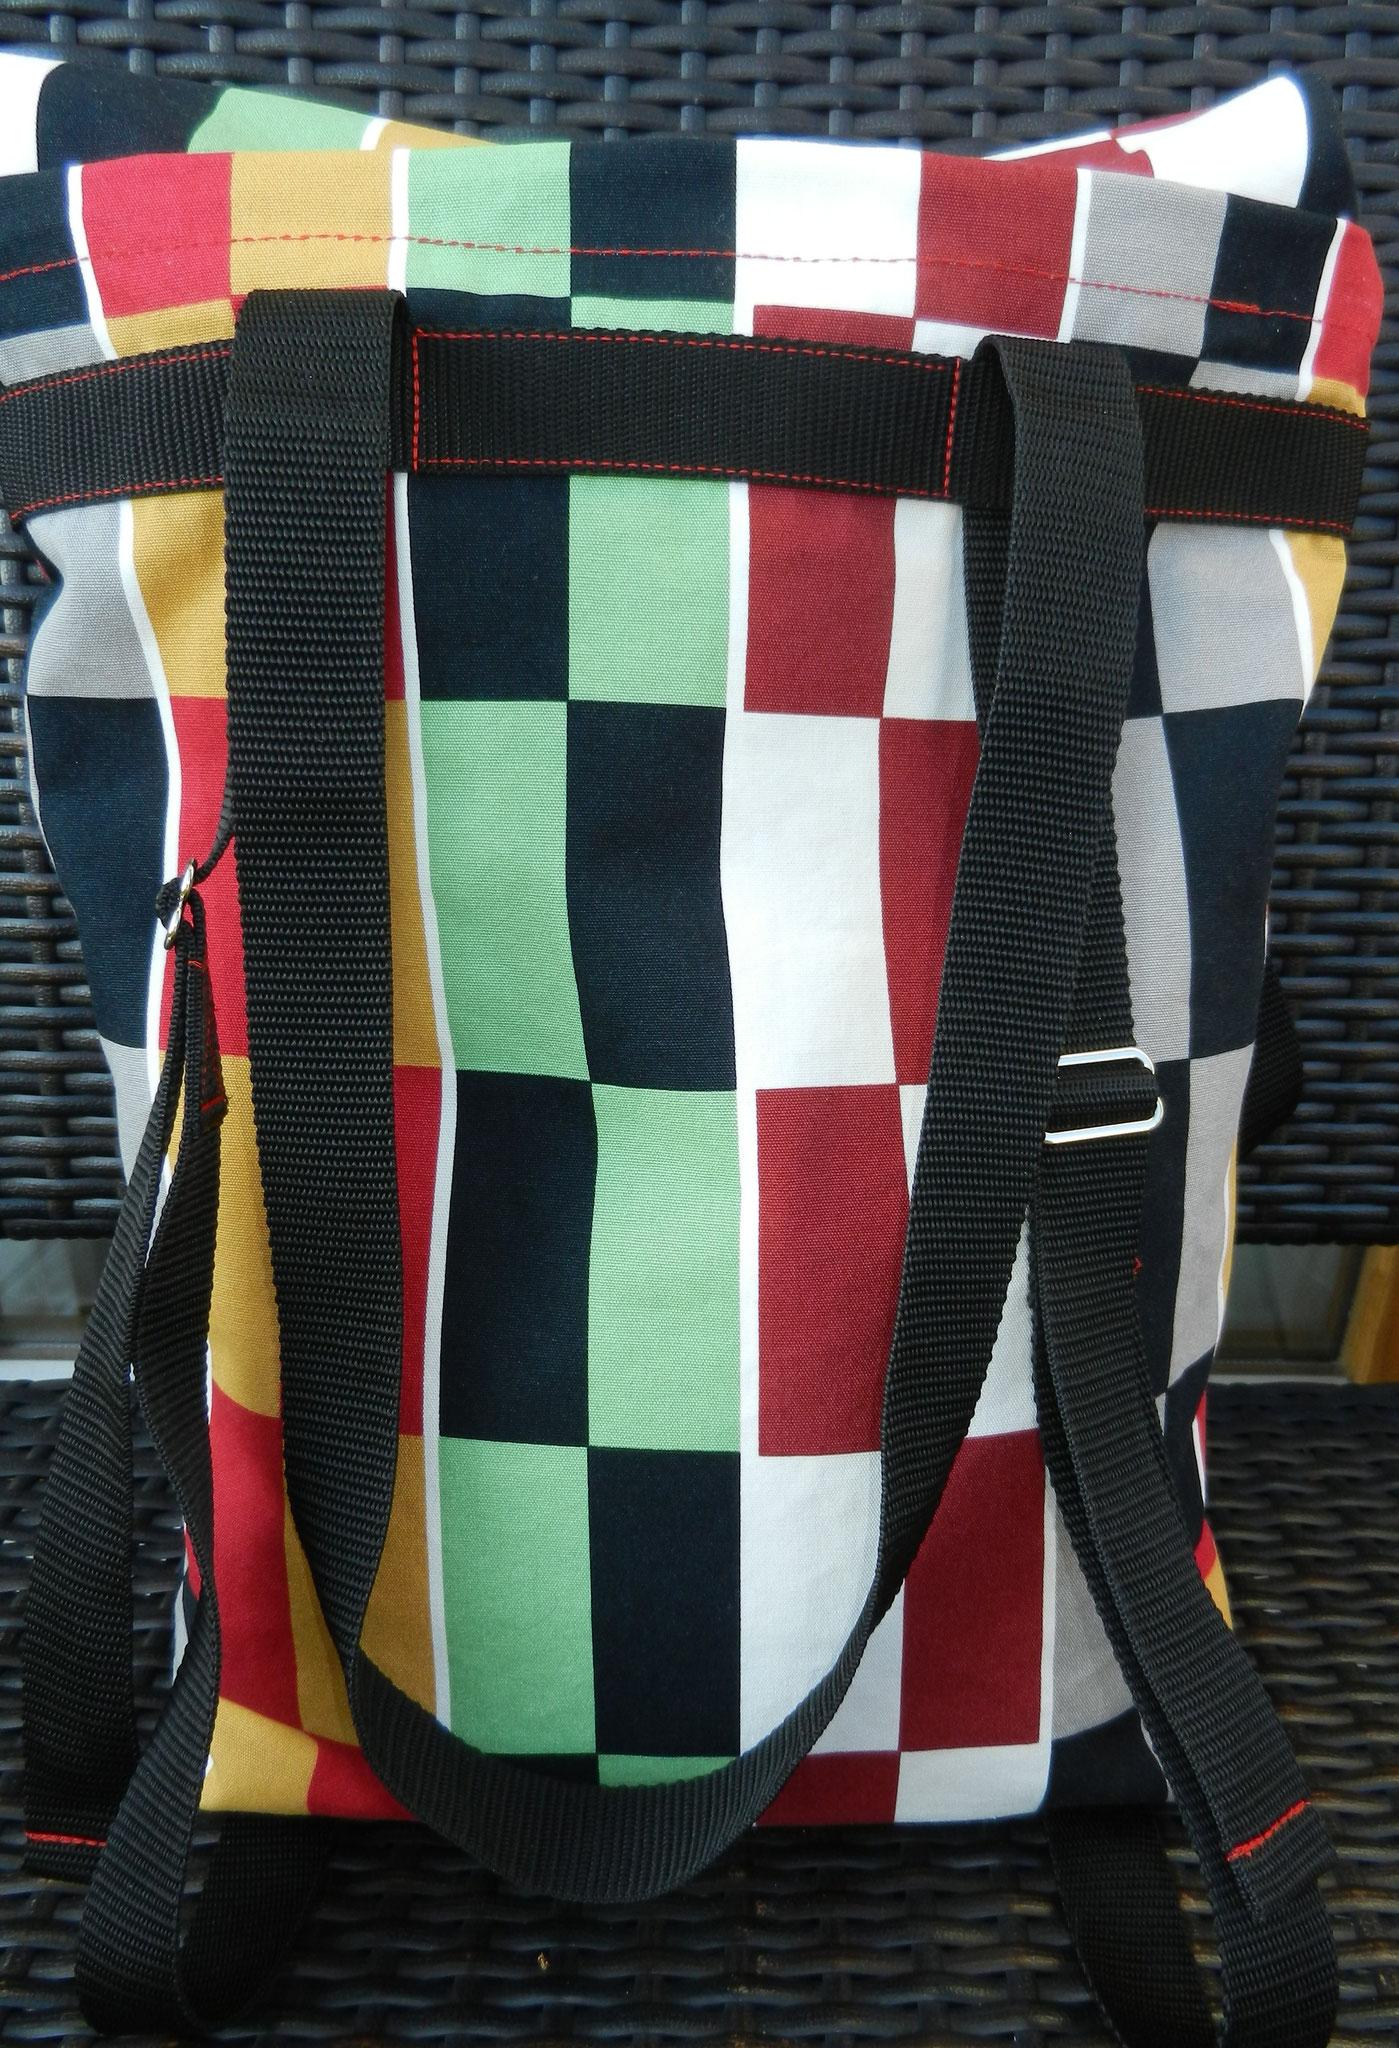 Rückseite, die Träger sind verstellbar zum Rückengurt für die Rucksackfunktion